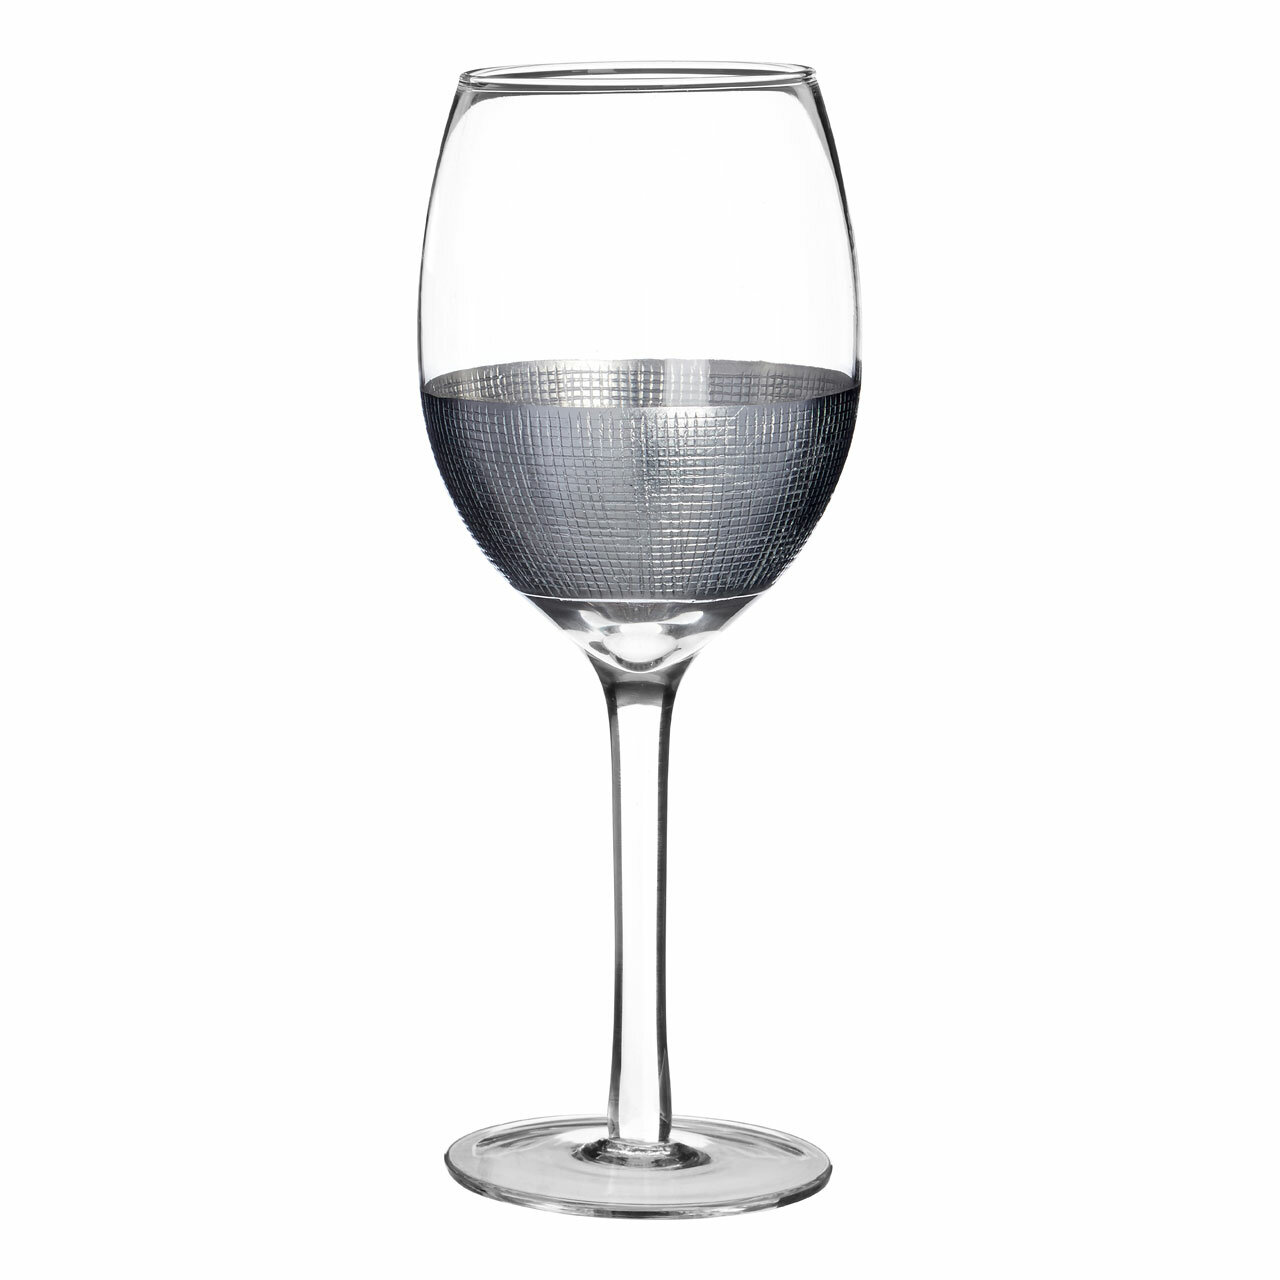 Glas & Kristall Gut Ausgebildete Prunkglas/weinglas Mundgeblasen Mit Verzierungen